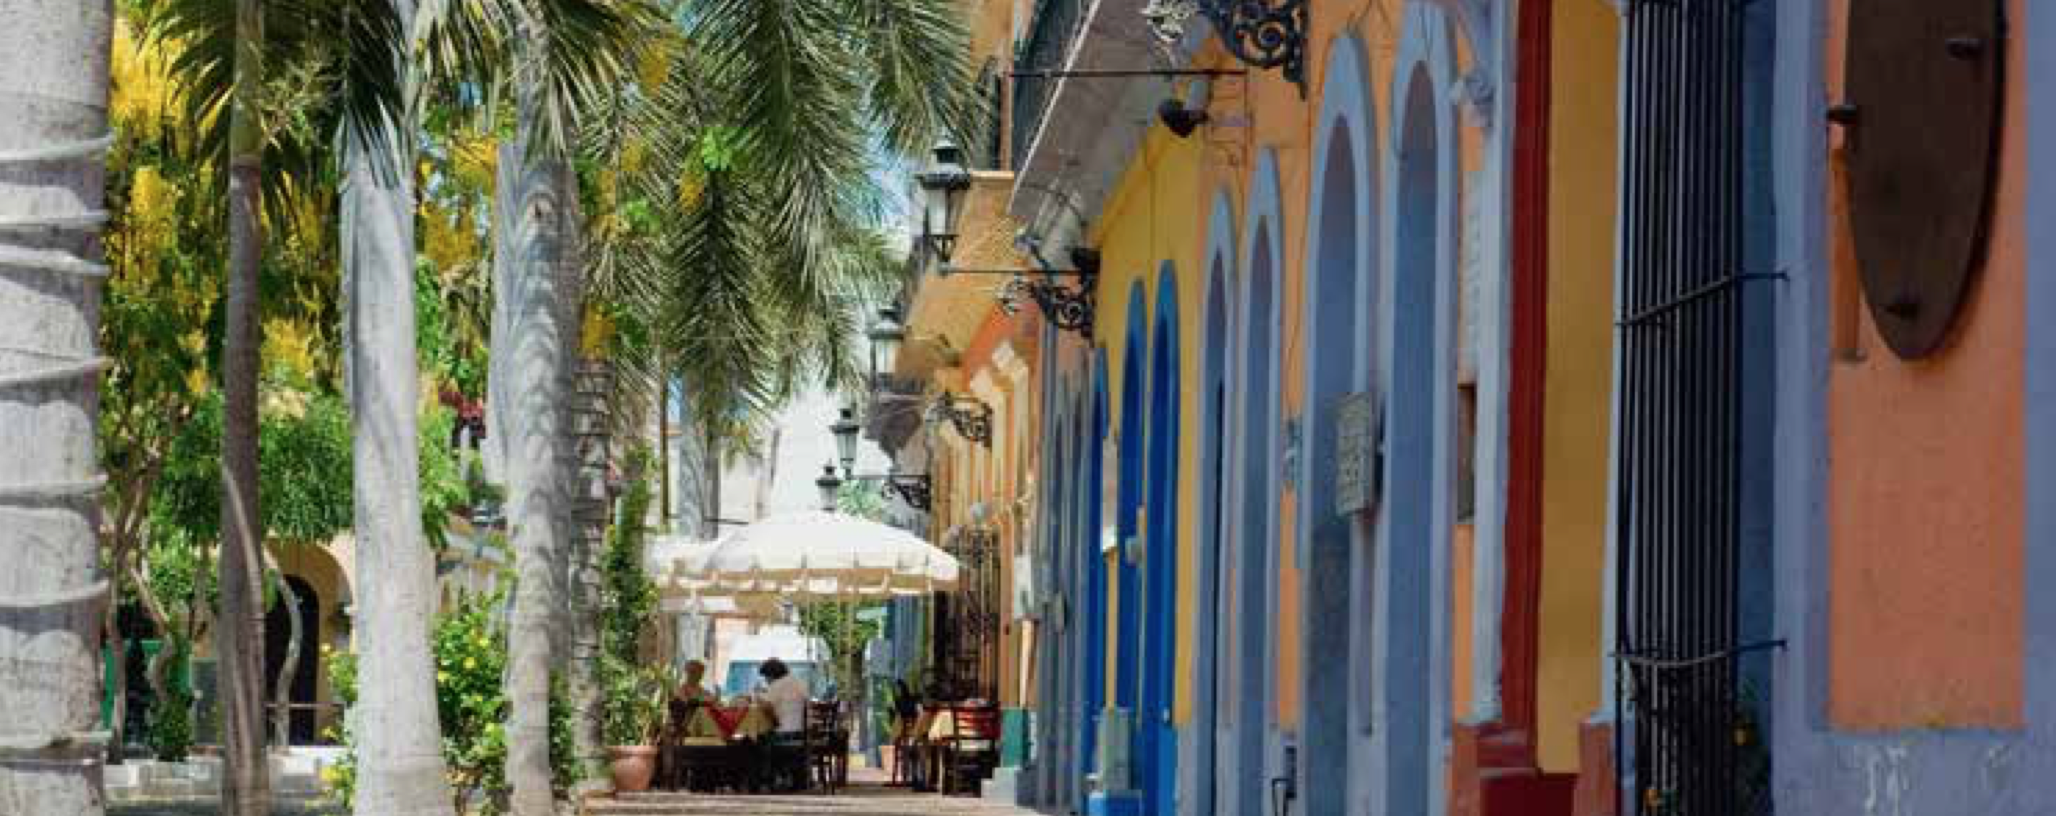 IT'S SPRING BREAK TIME: Exploring the New Mazatlan